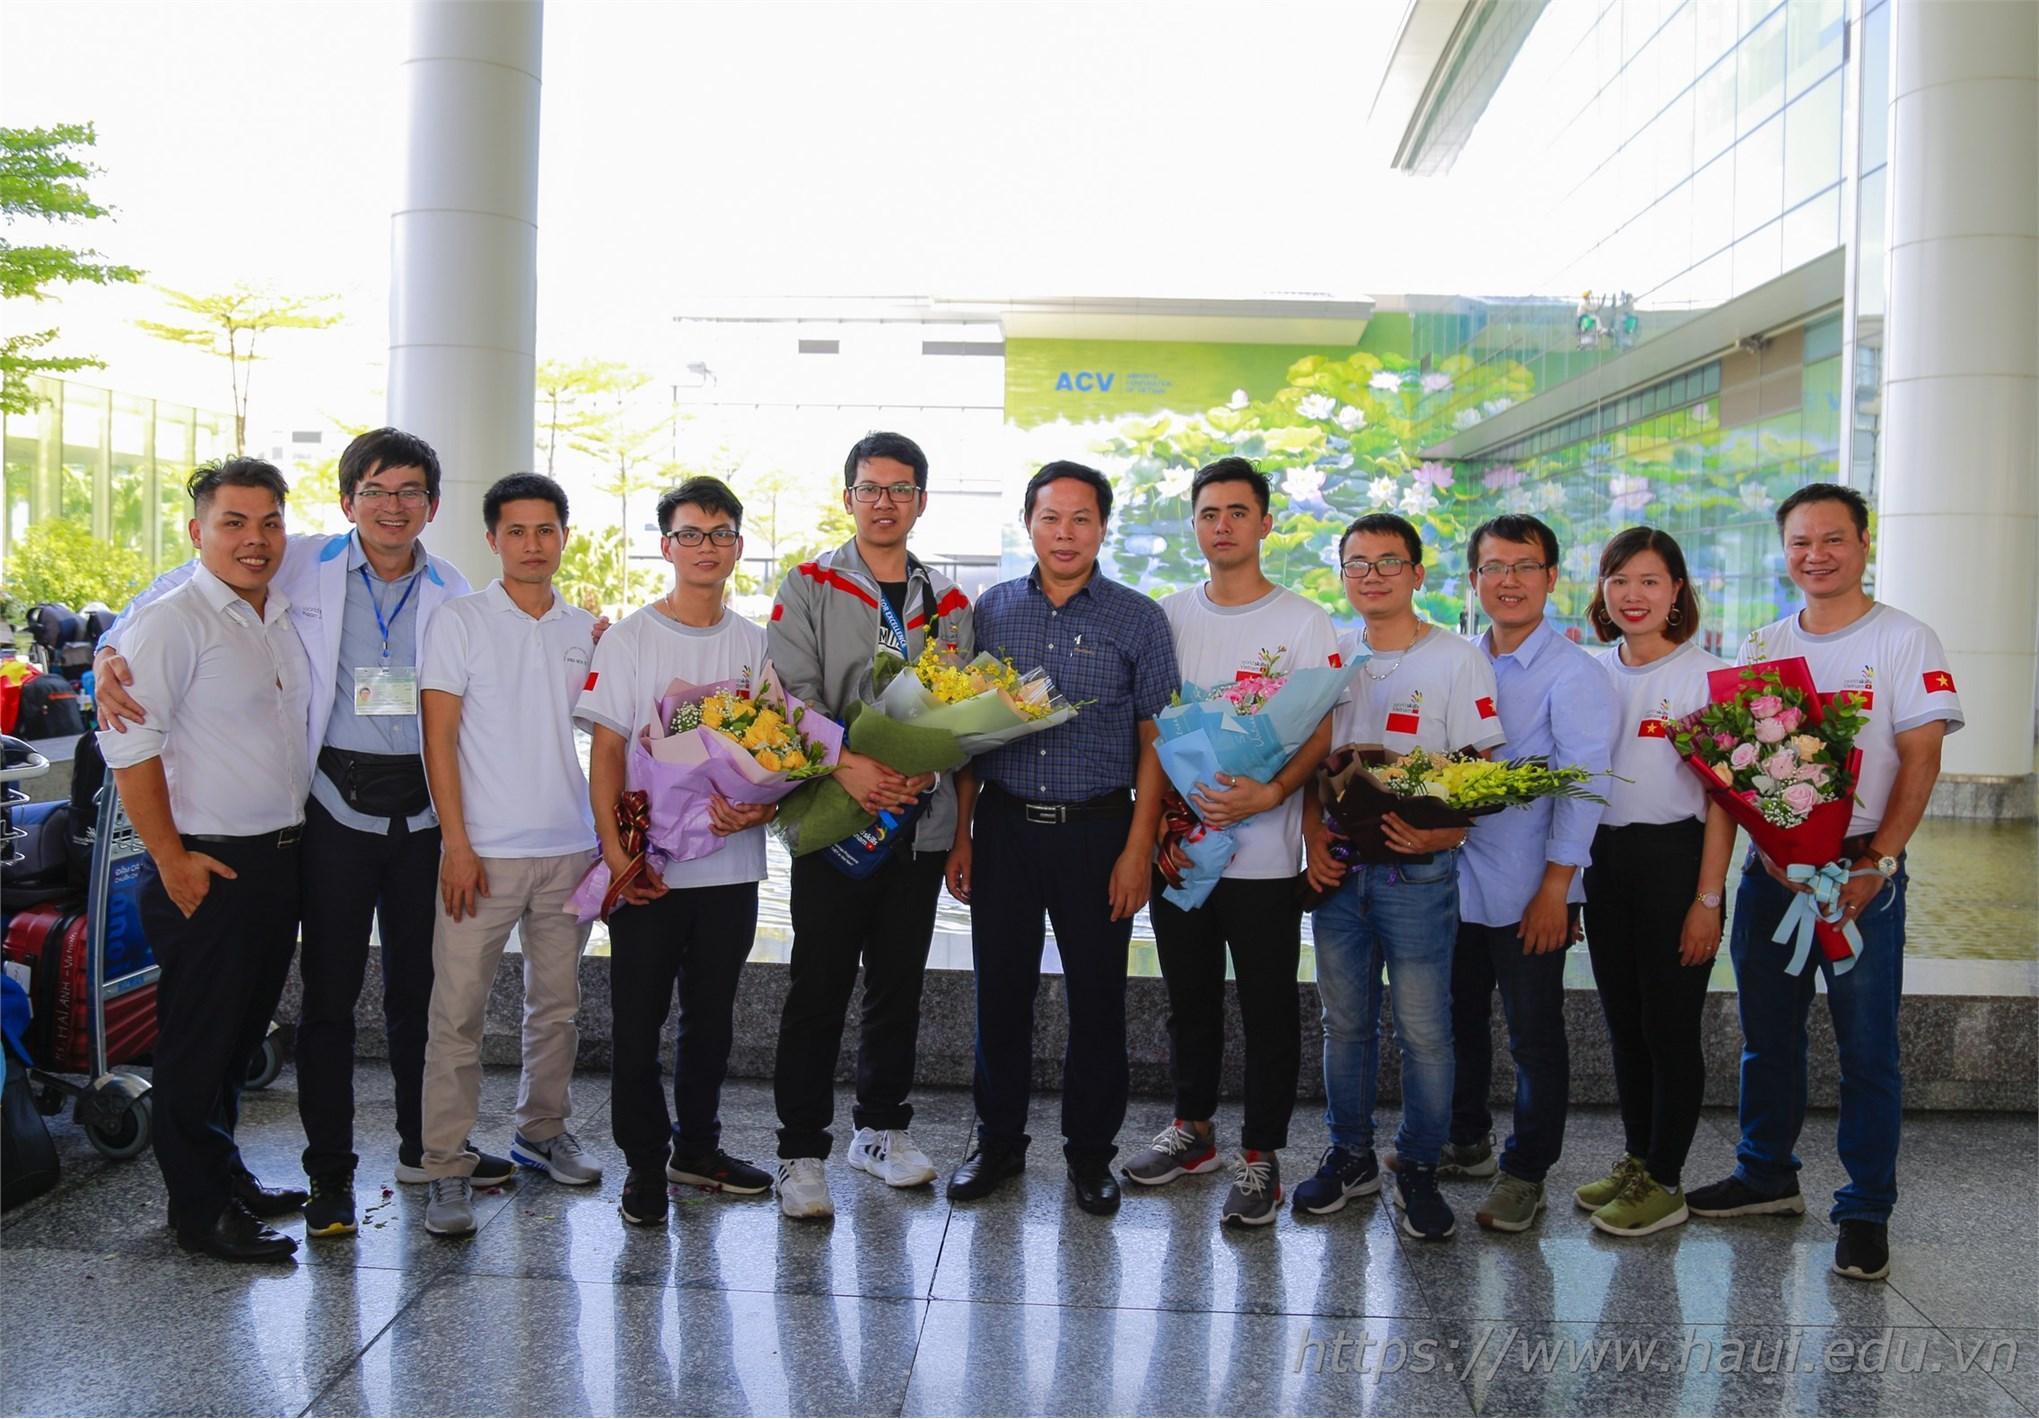 Đại học công nghiệp hà nội tham dự worldskills 2019